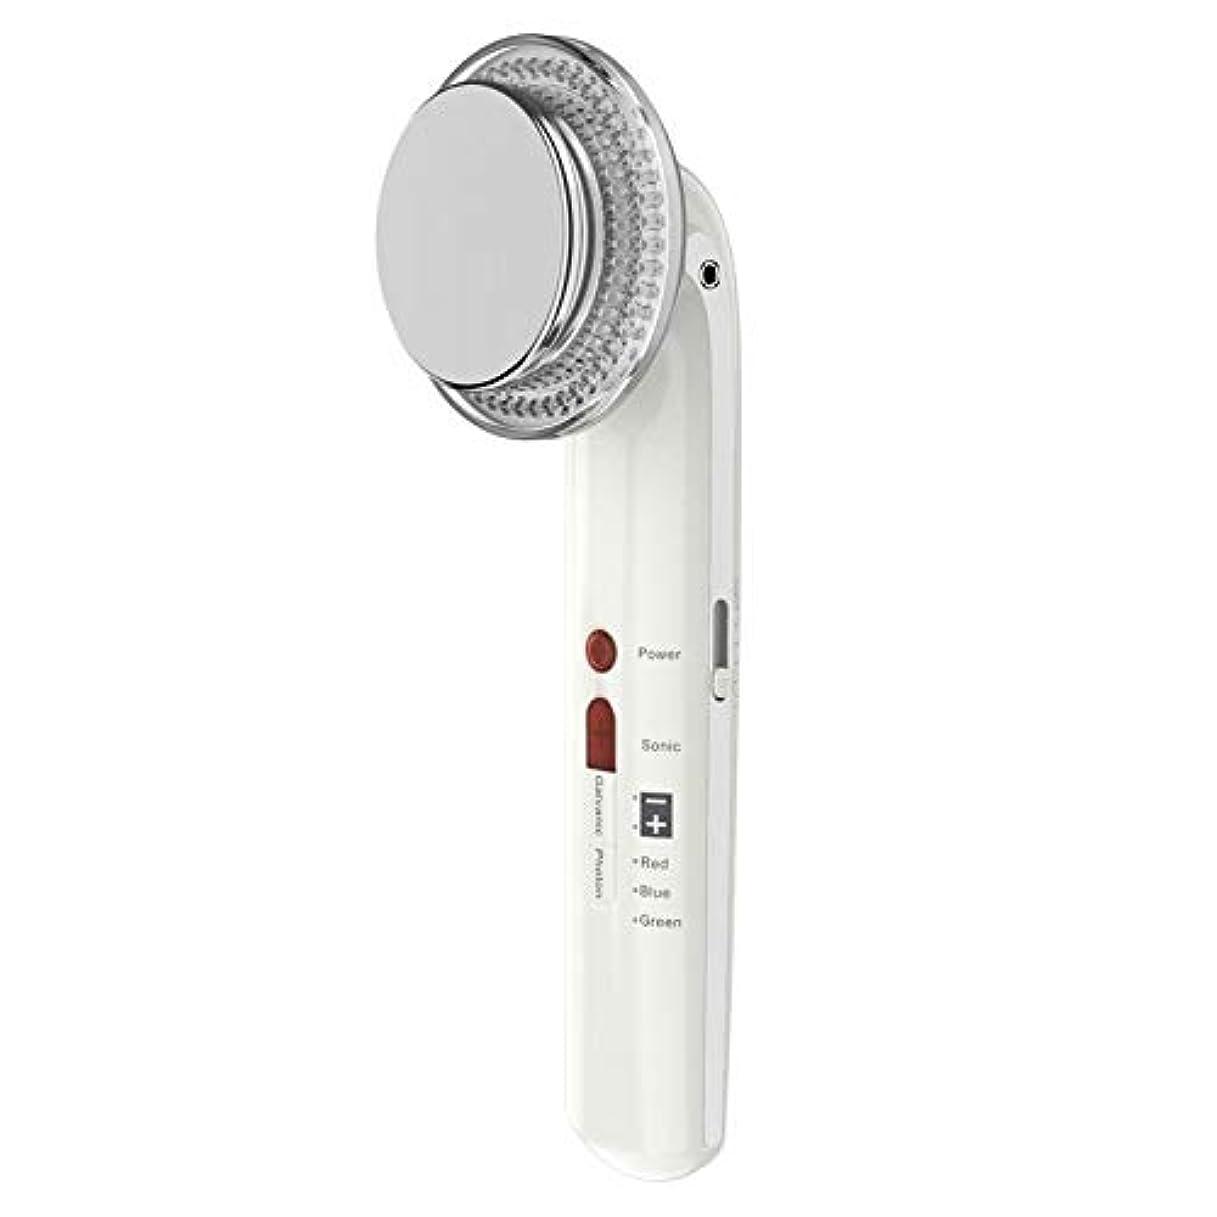 聴くもしひばり7で1振動美容機器ems超音波ボディフェイシャル痩身ツールled光子療法フェイスマッサージャー用ボディシェーピングフェイシャルスキンケア (Color : White)